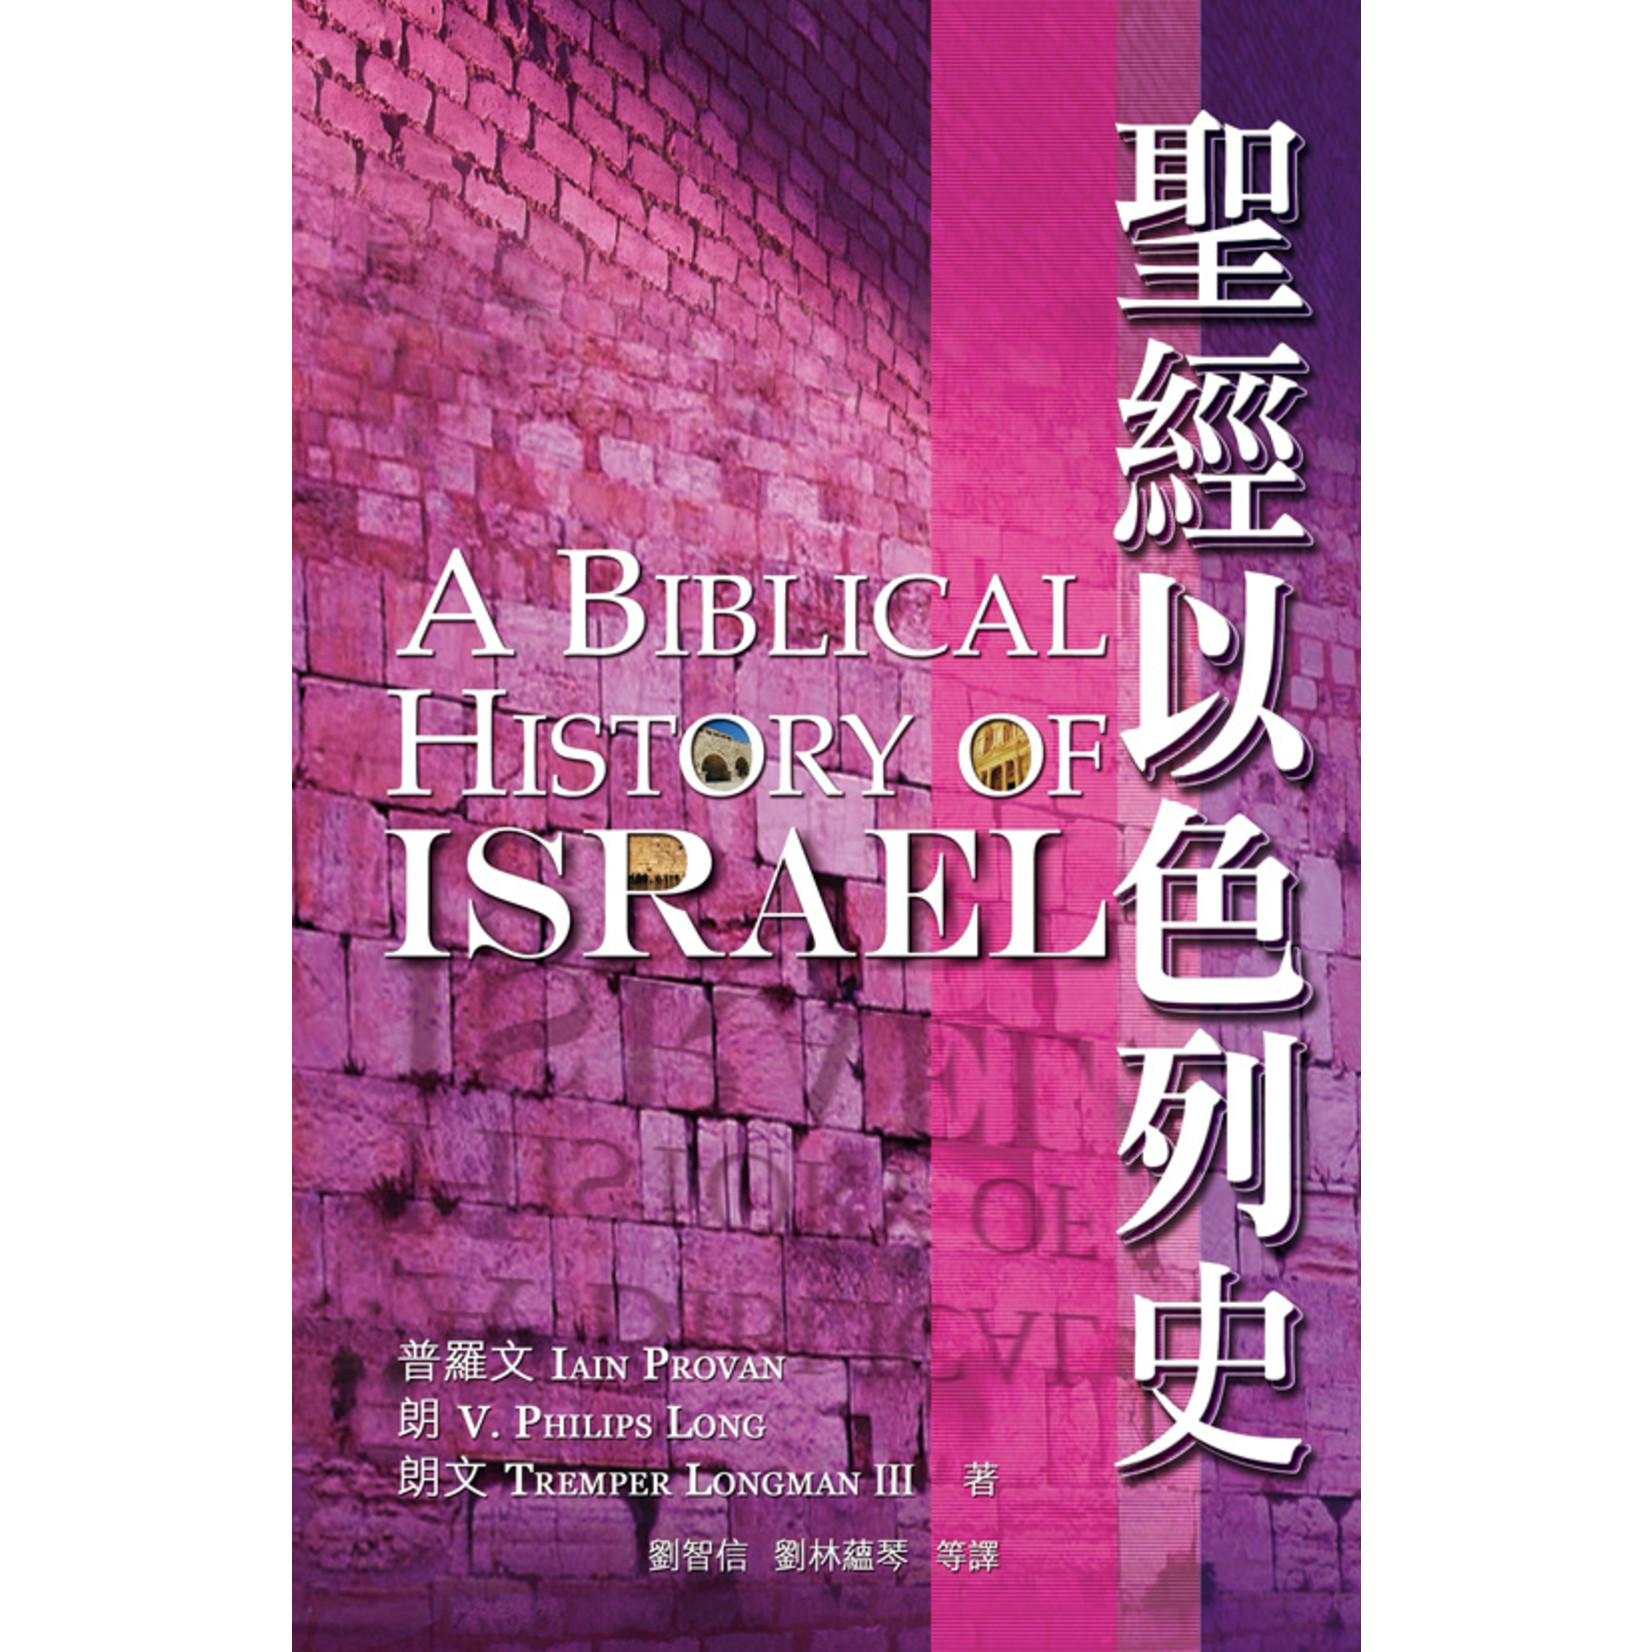 天道書樓 Tien Dao Publishing House 聖經以色列史 Biblical History of Israel